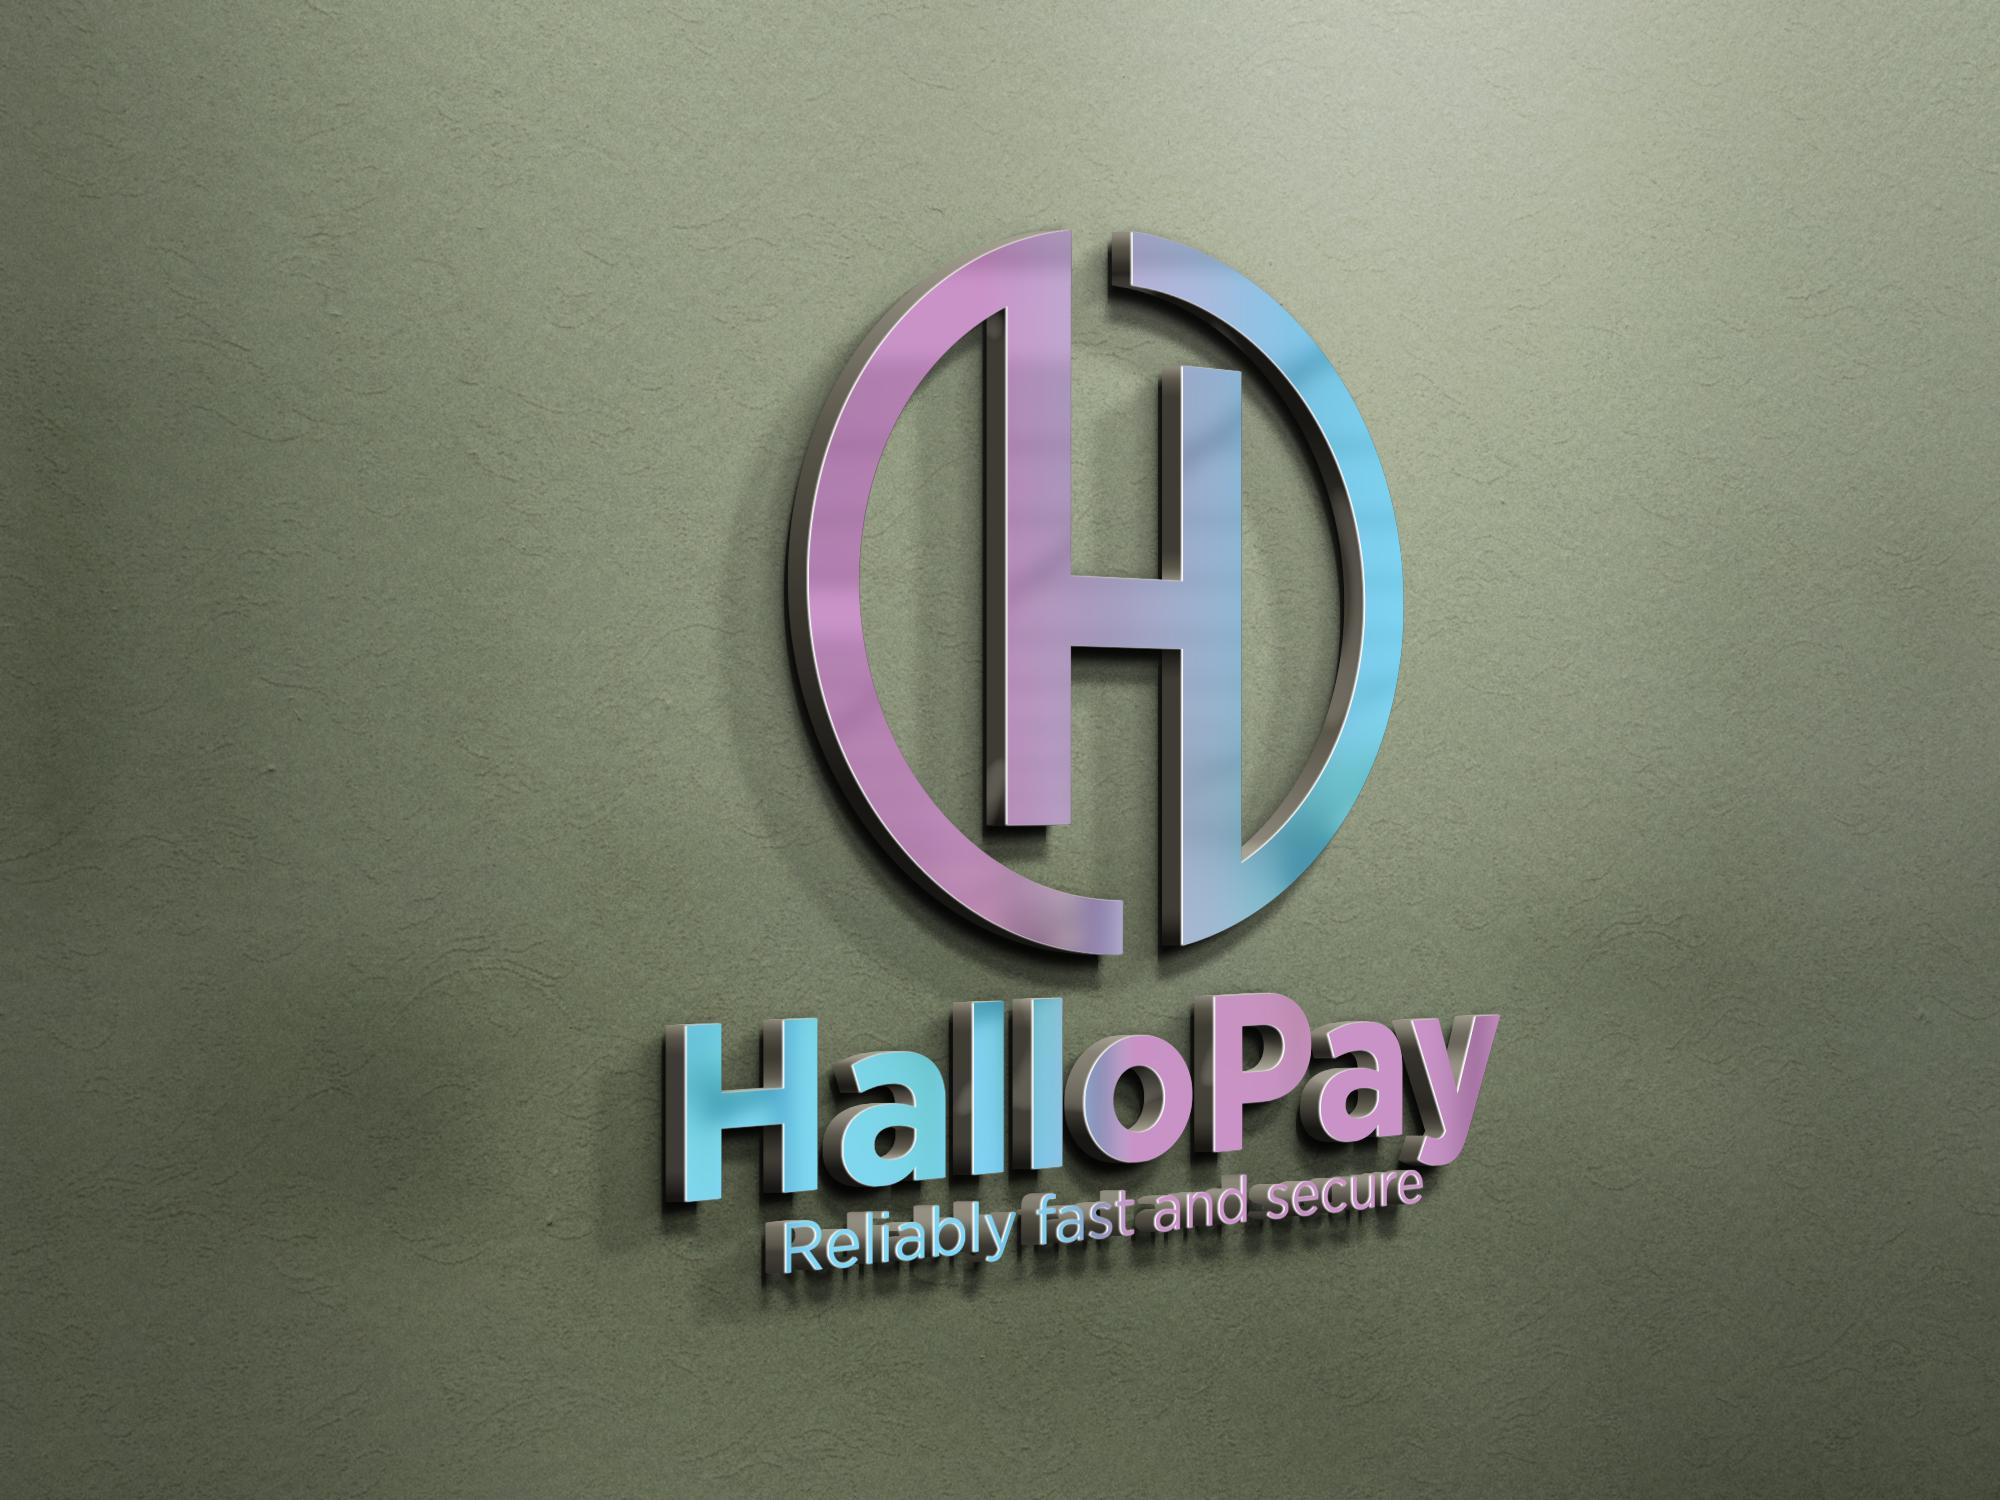 hallopay wall logo